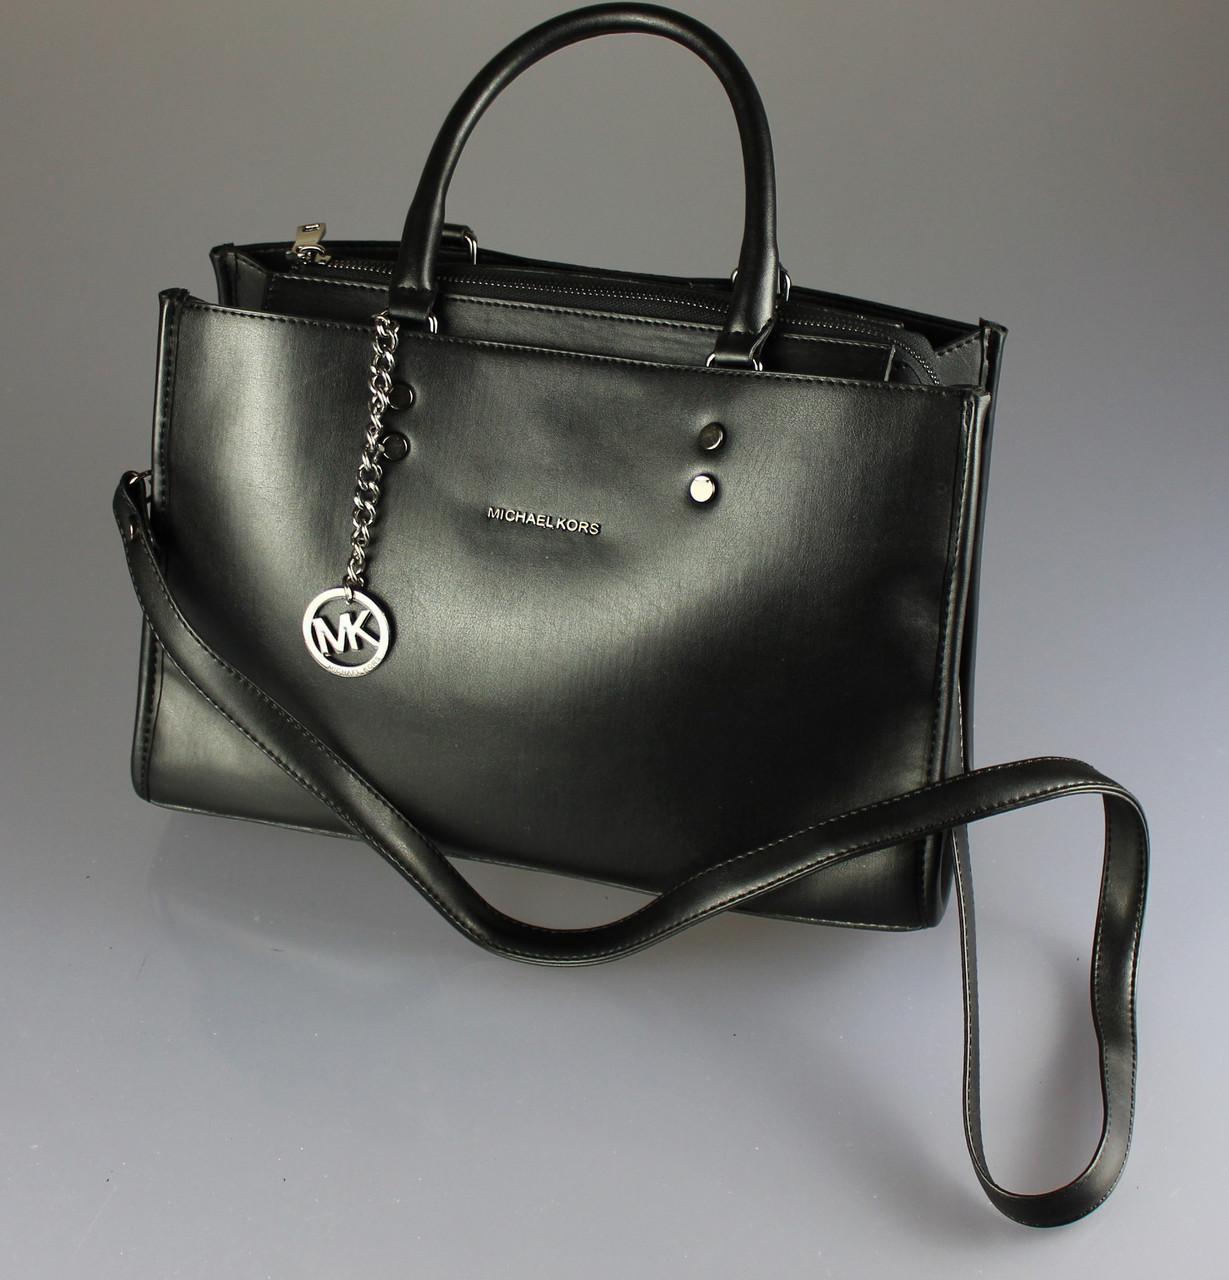 64b51b17e512 Женская сумка Michael Kors оптом. {есть:коричневый,кремовый,розовый ...